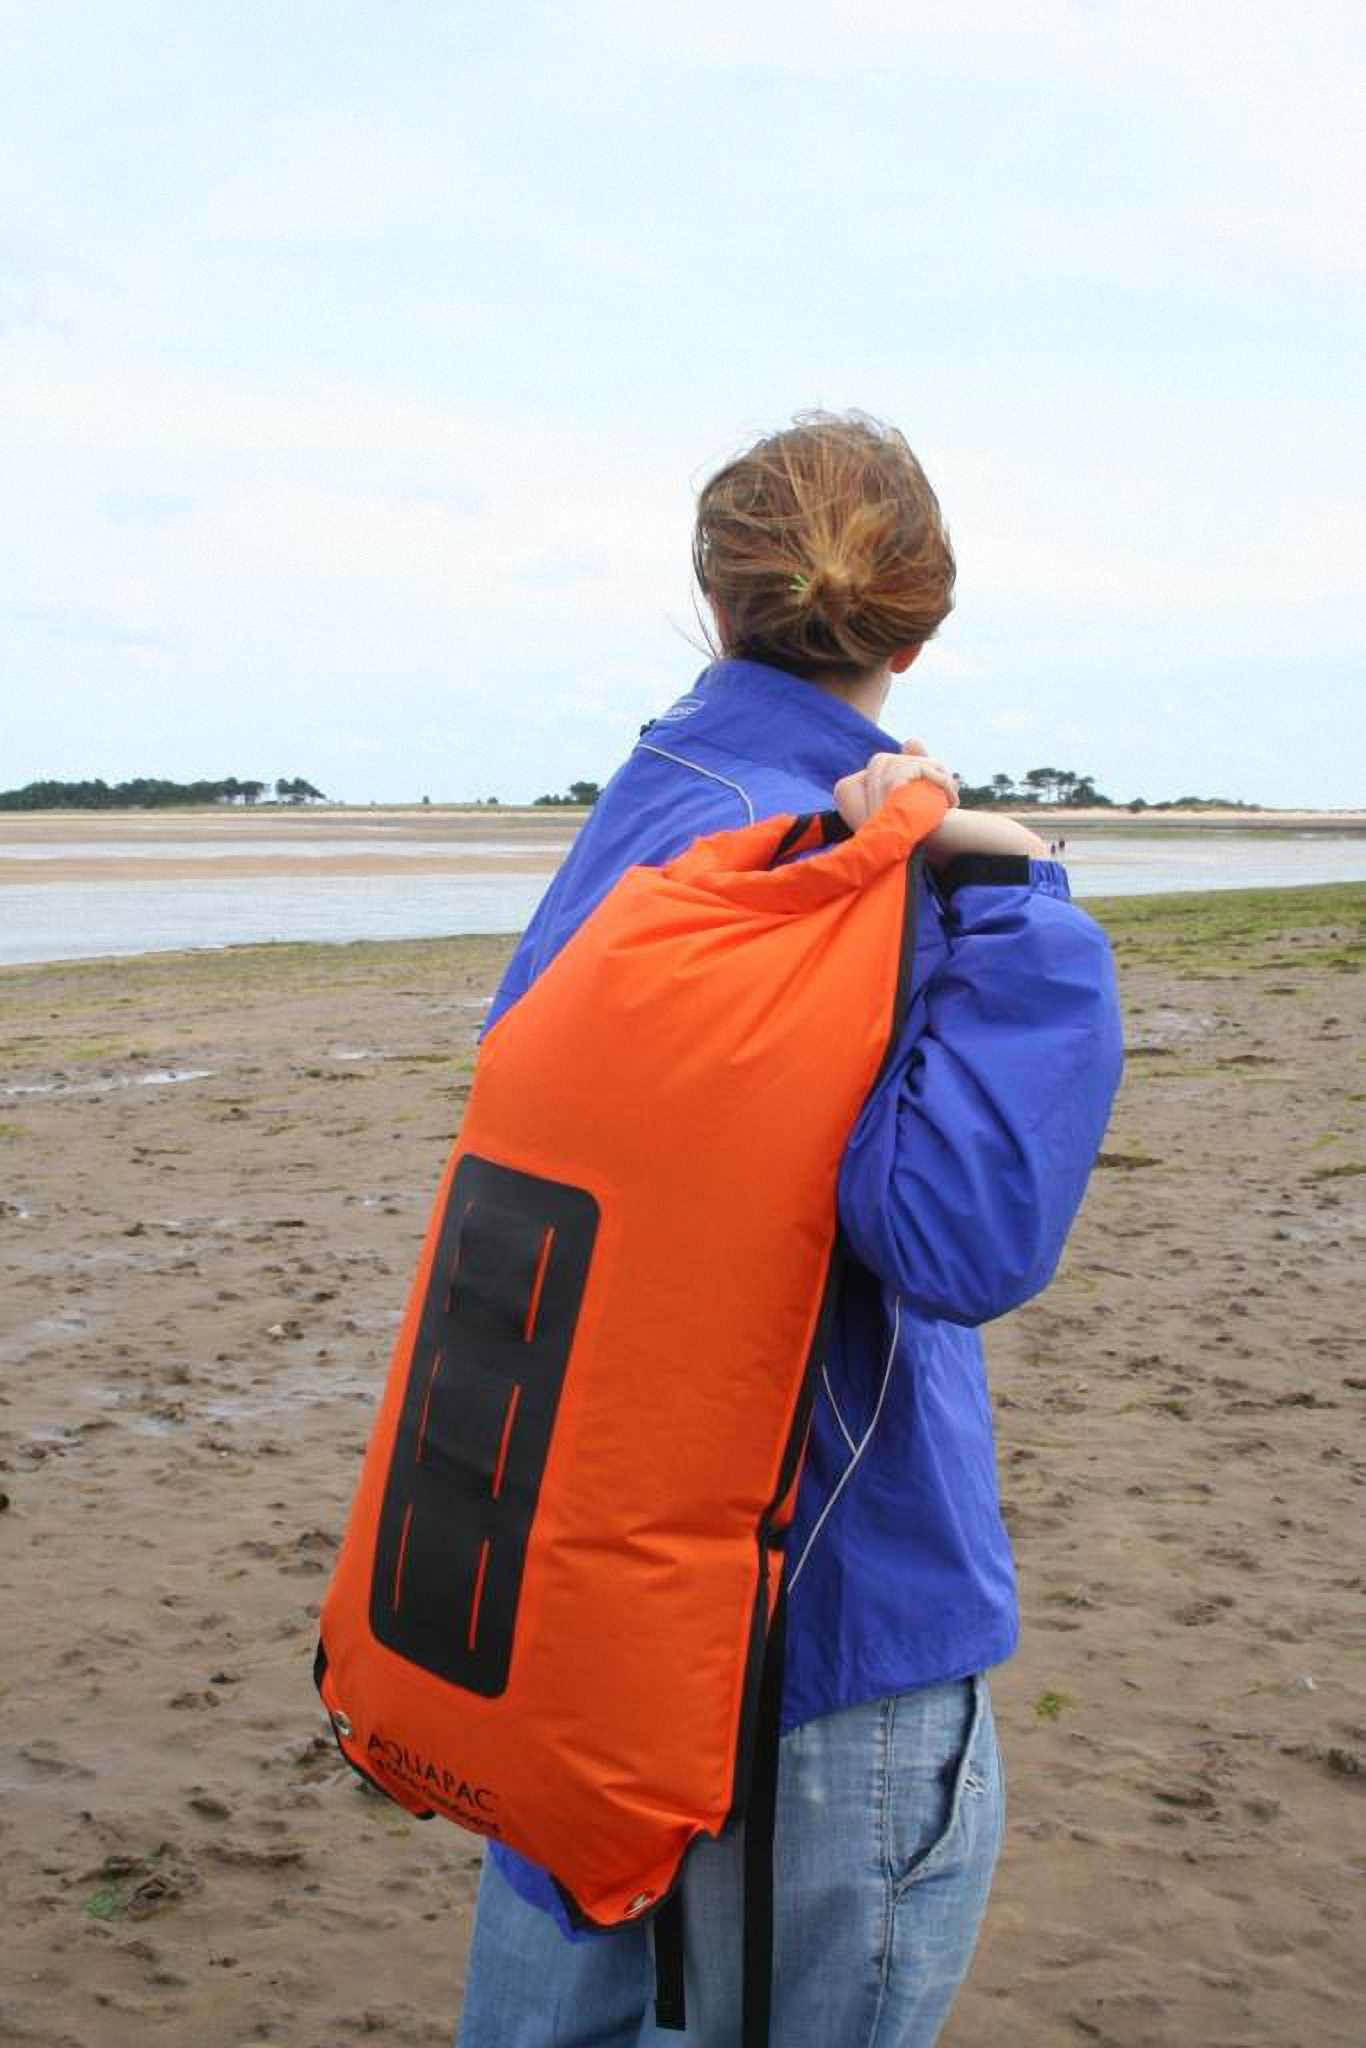 Водонепроницаемый гермомешок-рюкзак (с двумя плечевыми ремнями) Aquapac 770 - Noatak Wet & Drybag - 25L.. Aquapac - №1 в мире водонепроницаемых чехлов и сумок. Фото 5